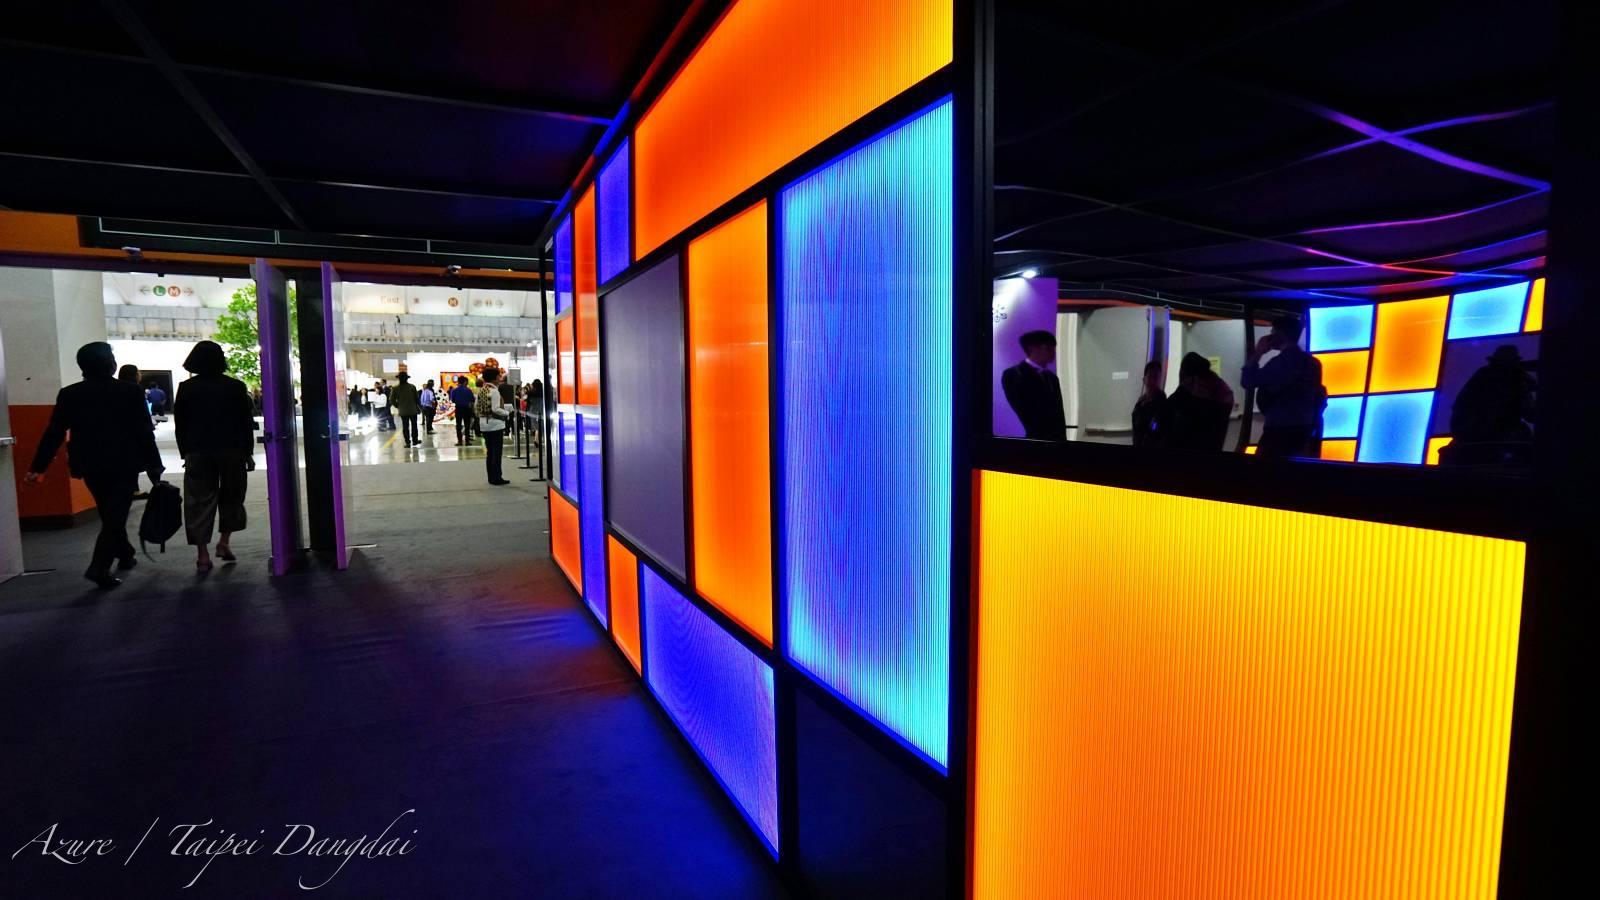 台北當代藝術博覽會, Taipei Dangdai,南港展覽館